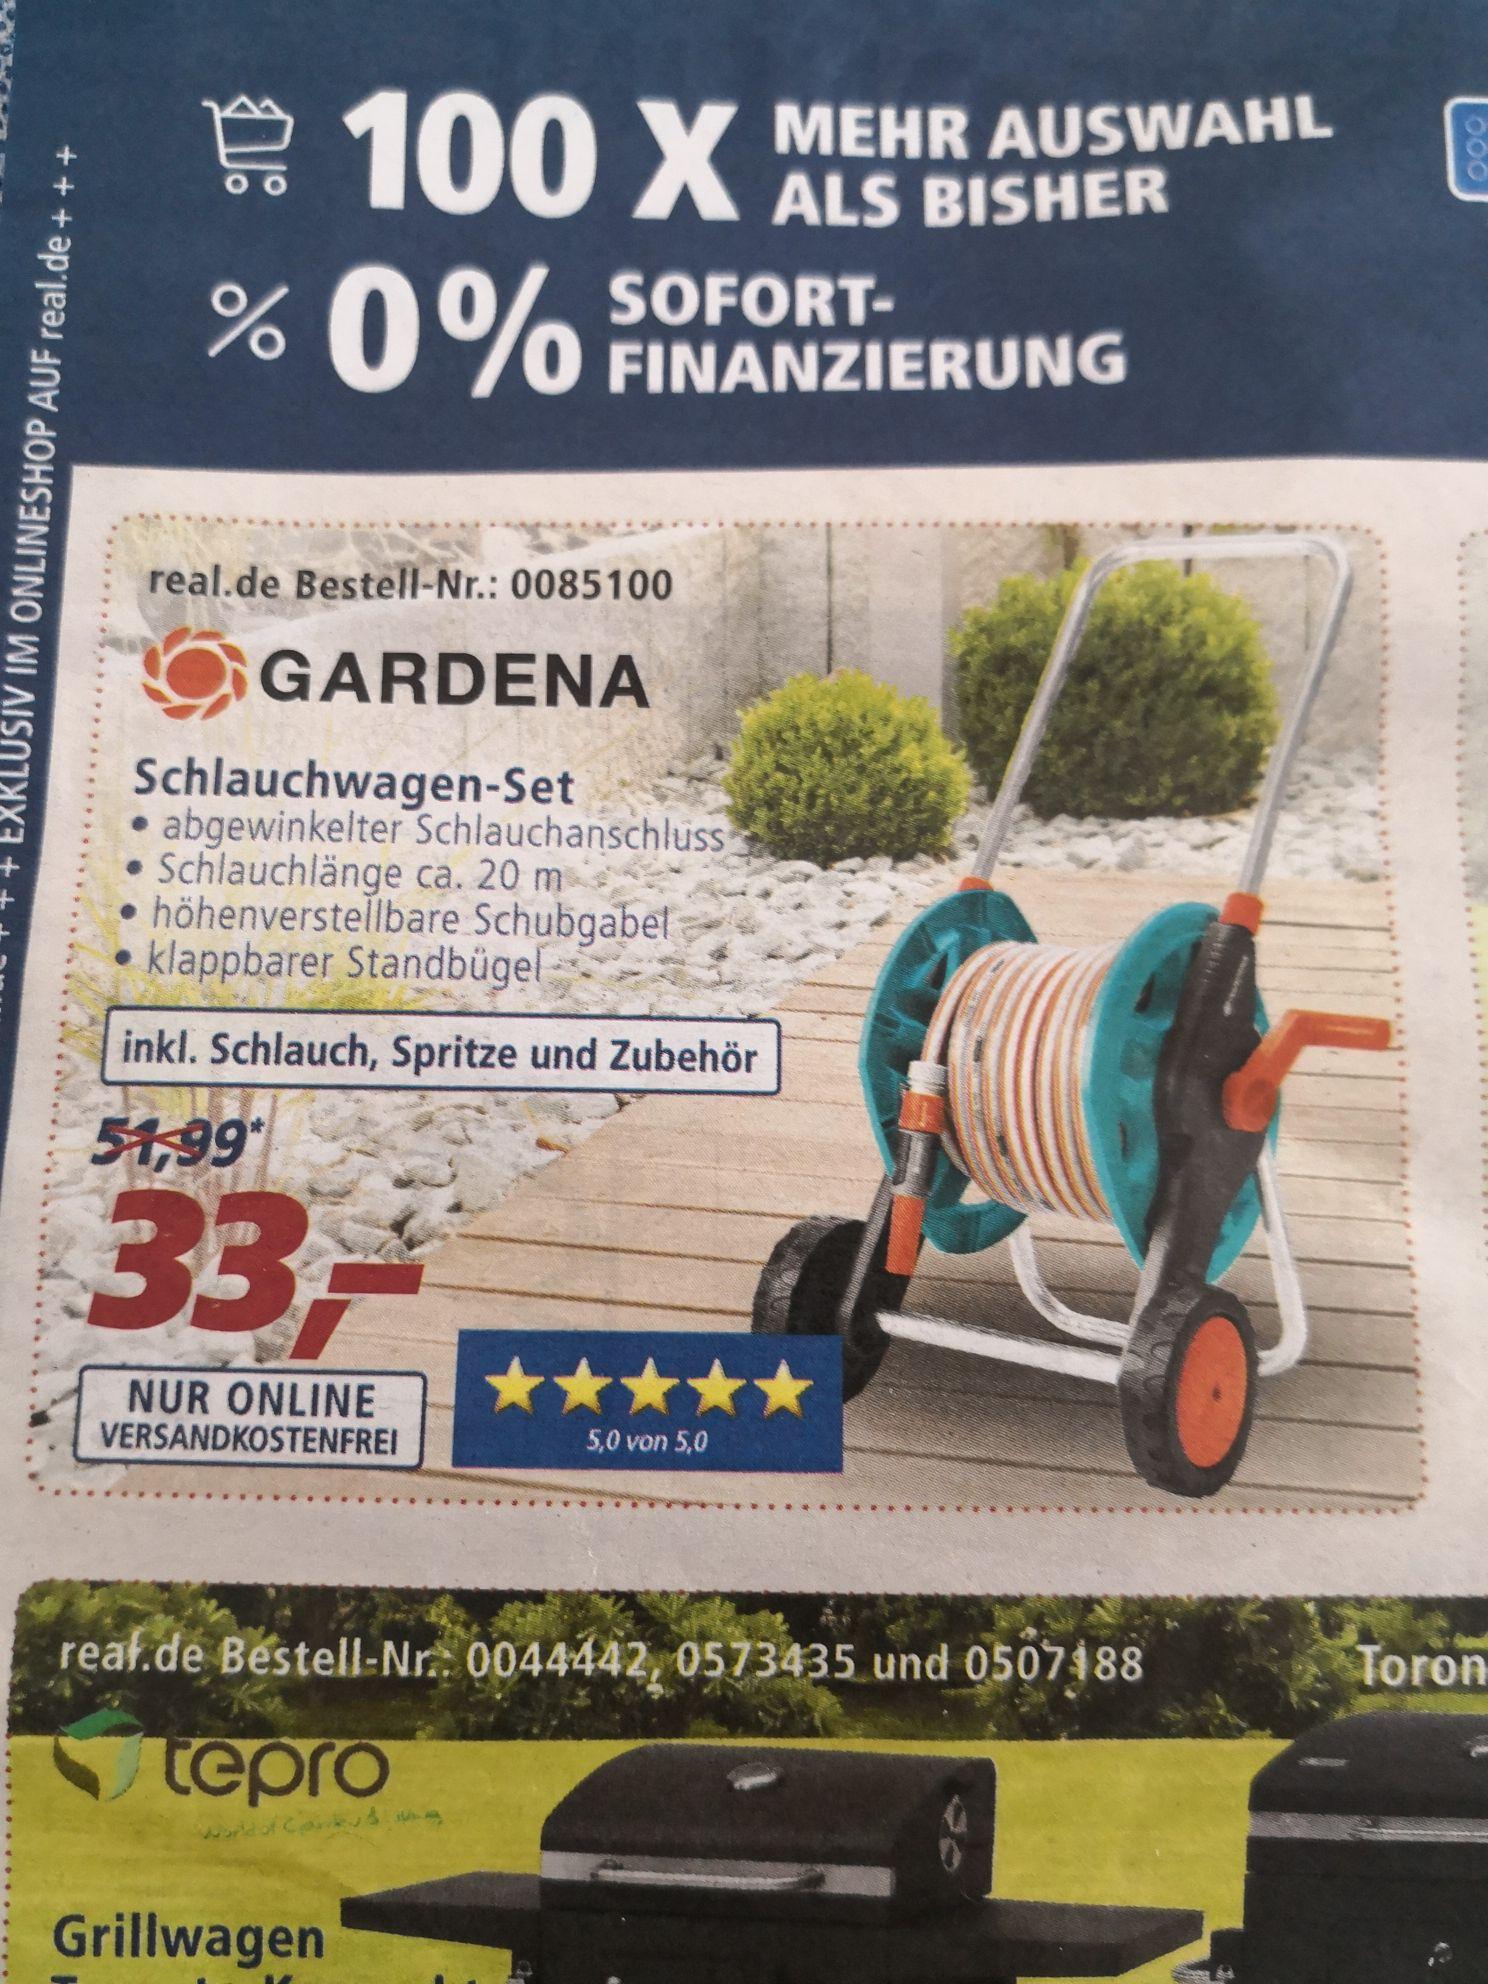 Gardena Schlauchwagen-Set 20 m (2692-20) bei Real online